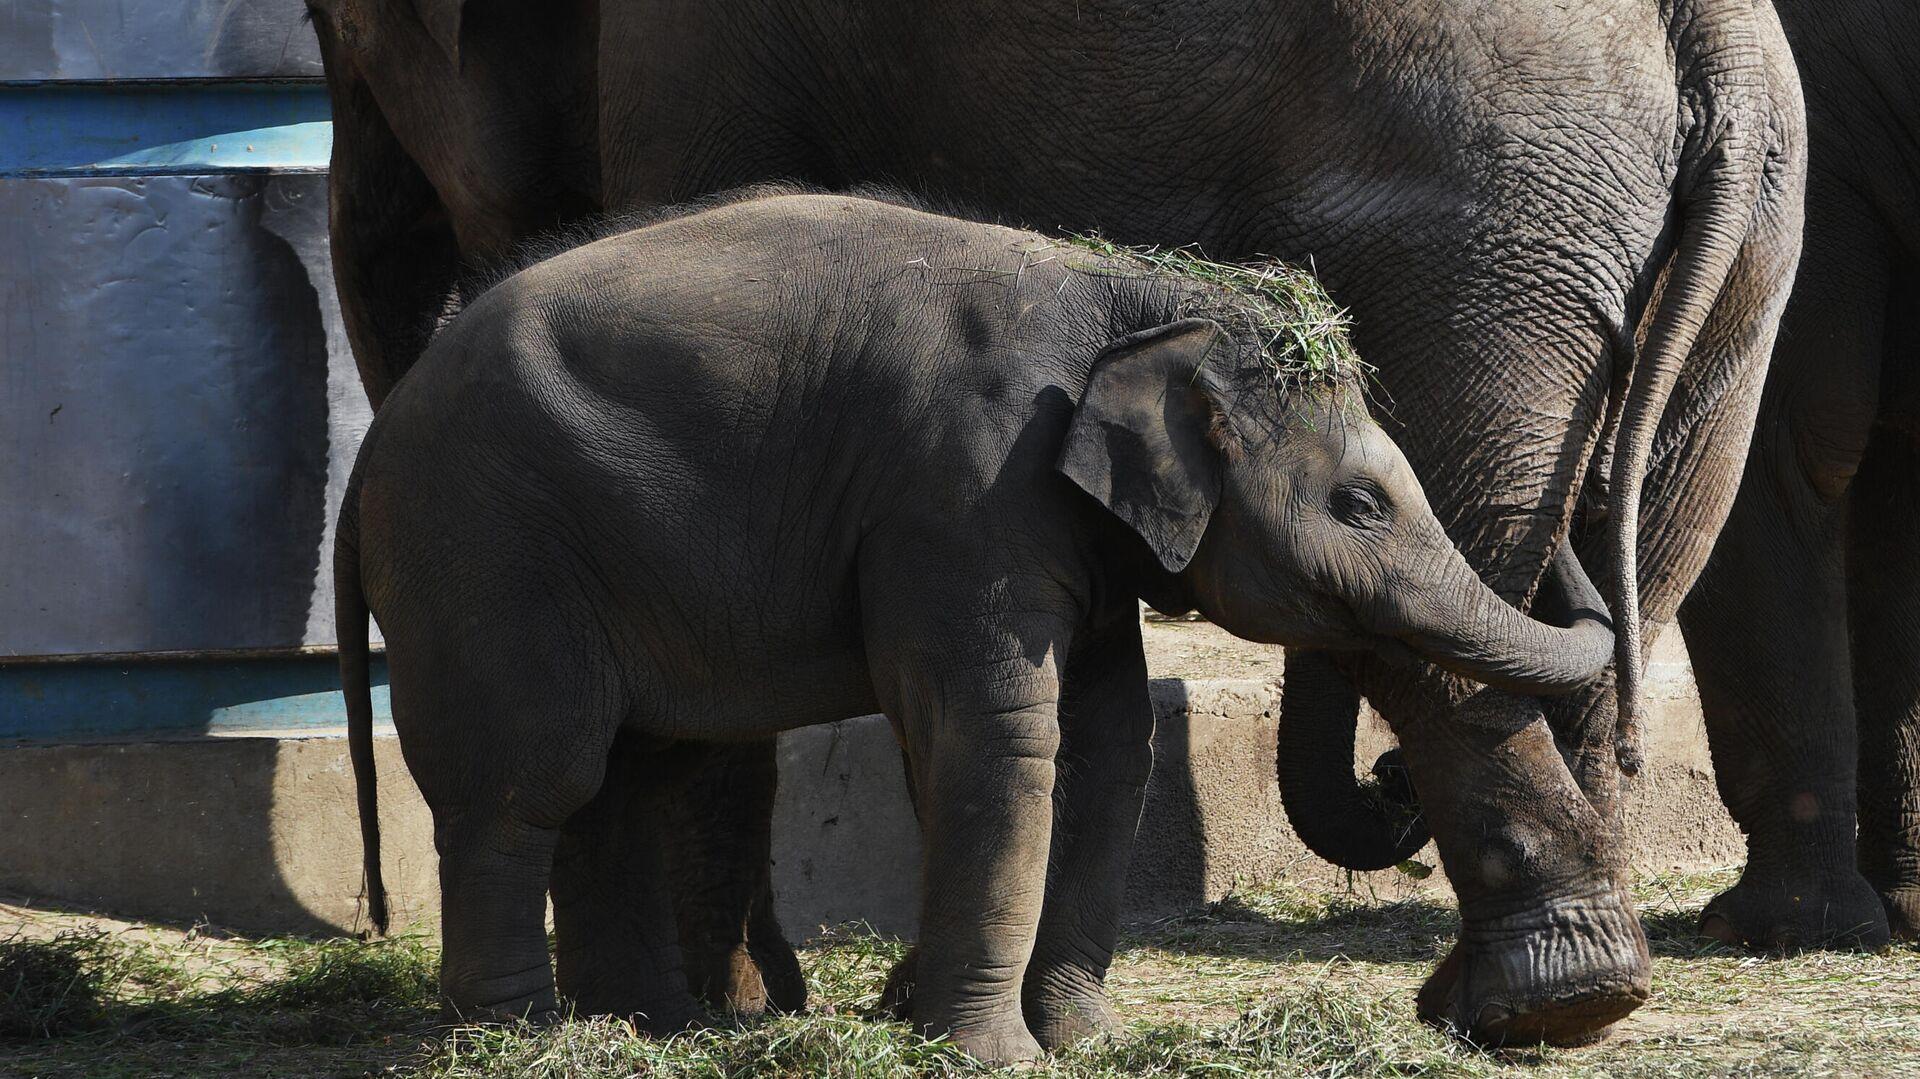 Азиатские слоны в Московском зоопарке - РИА Новости, 1920, 05.03.2021